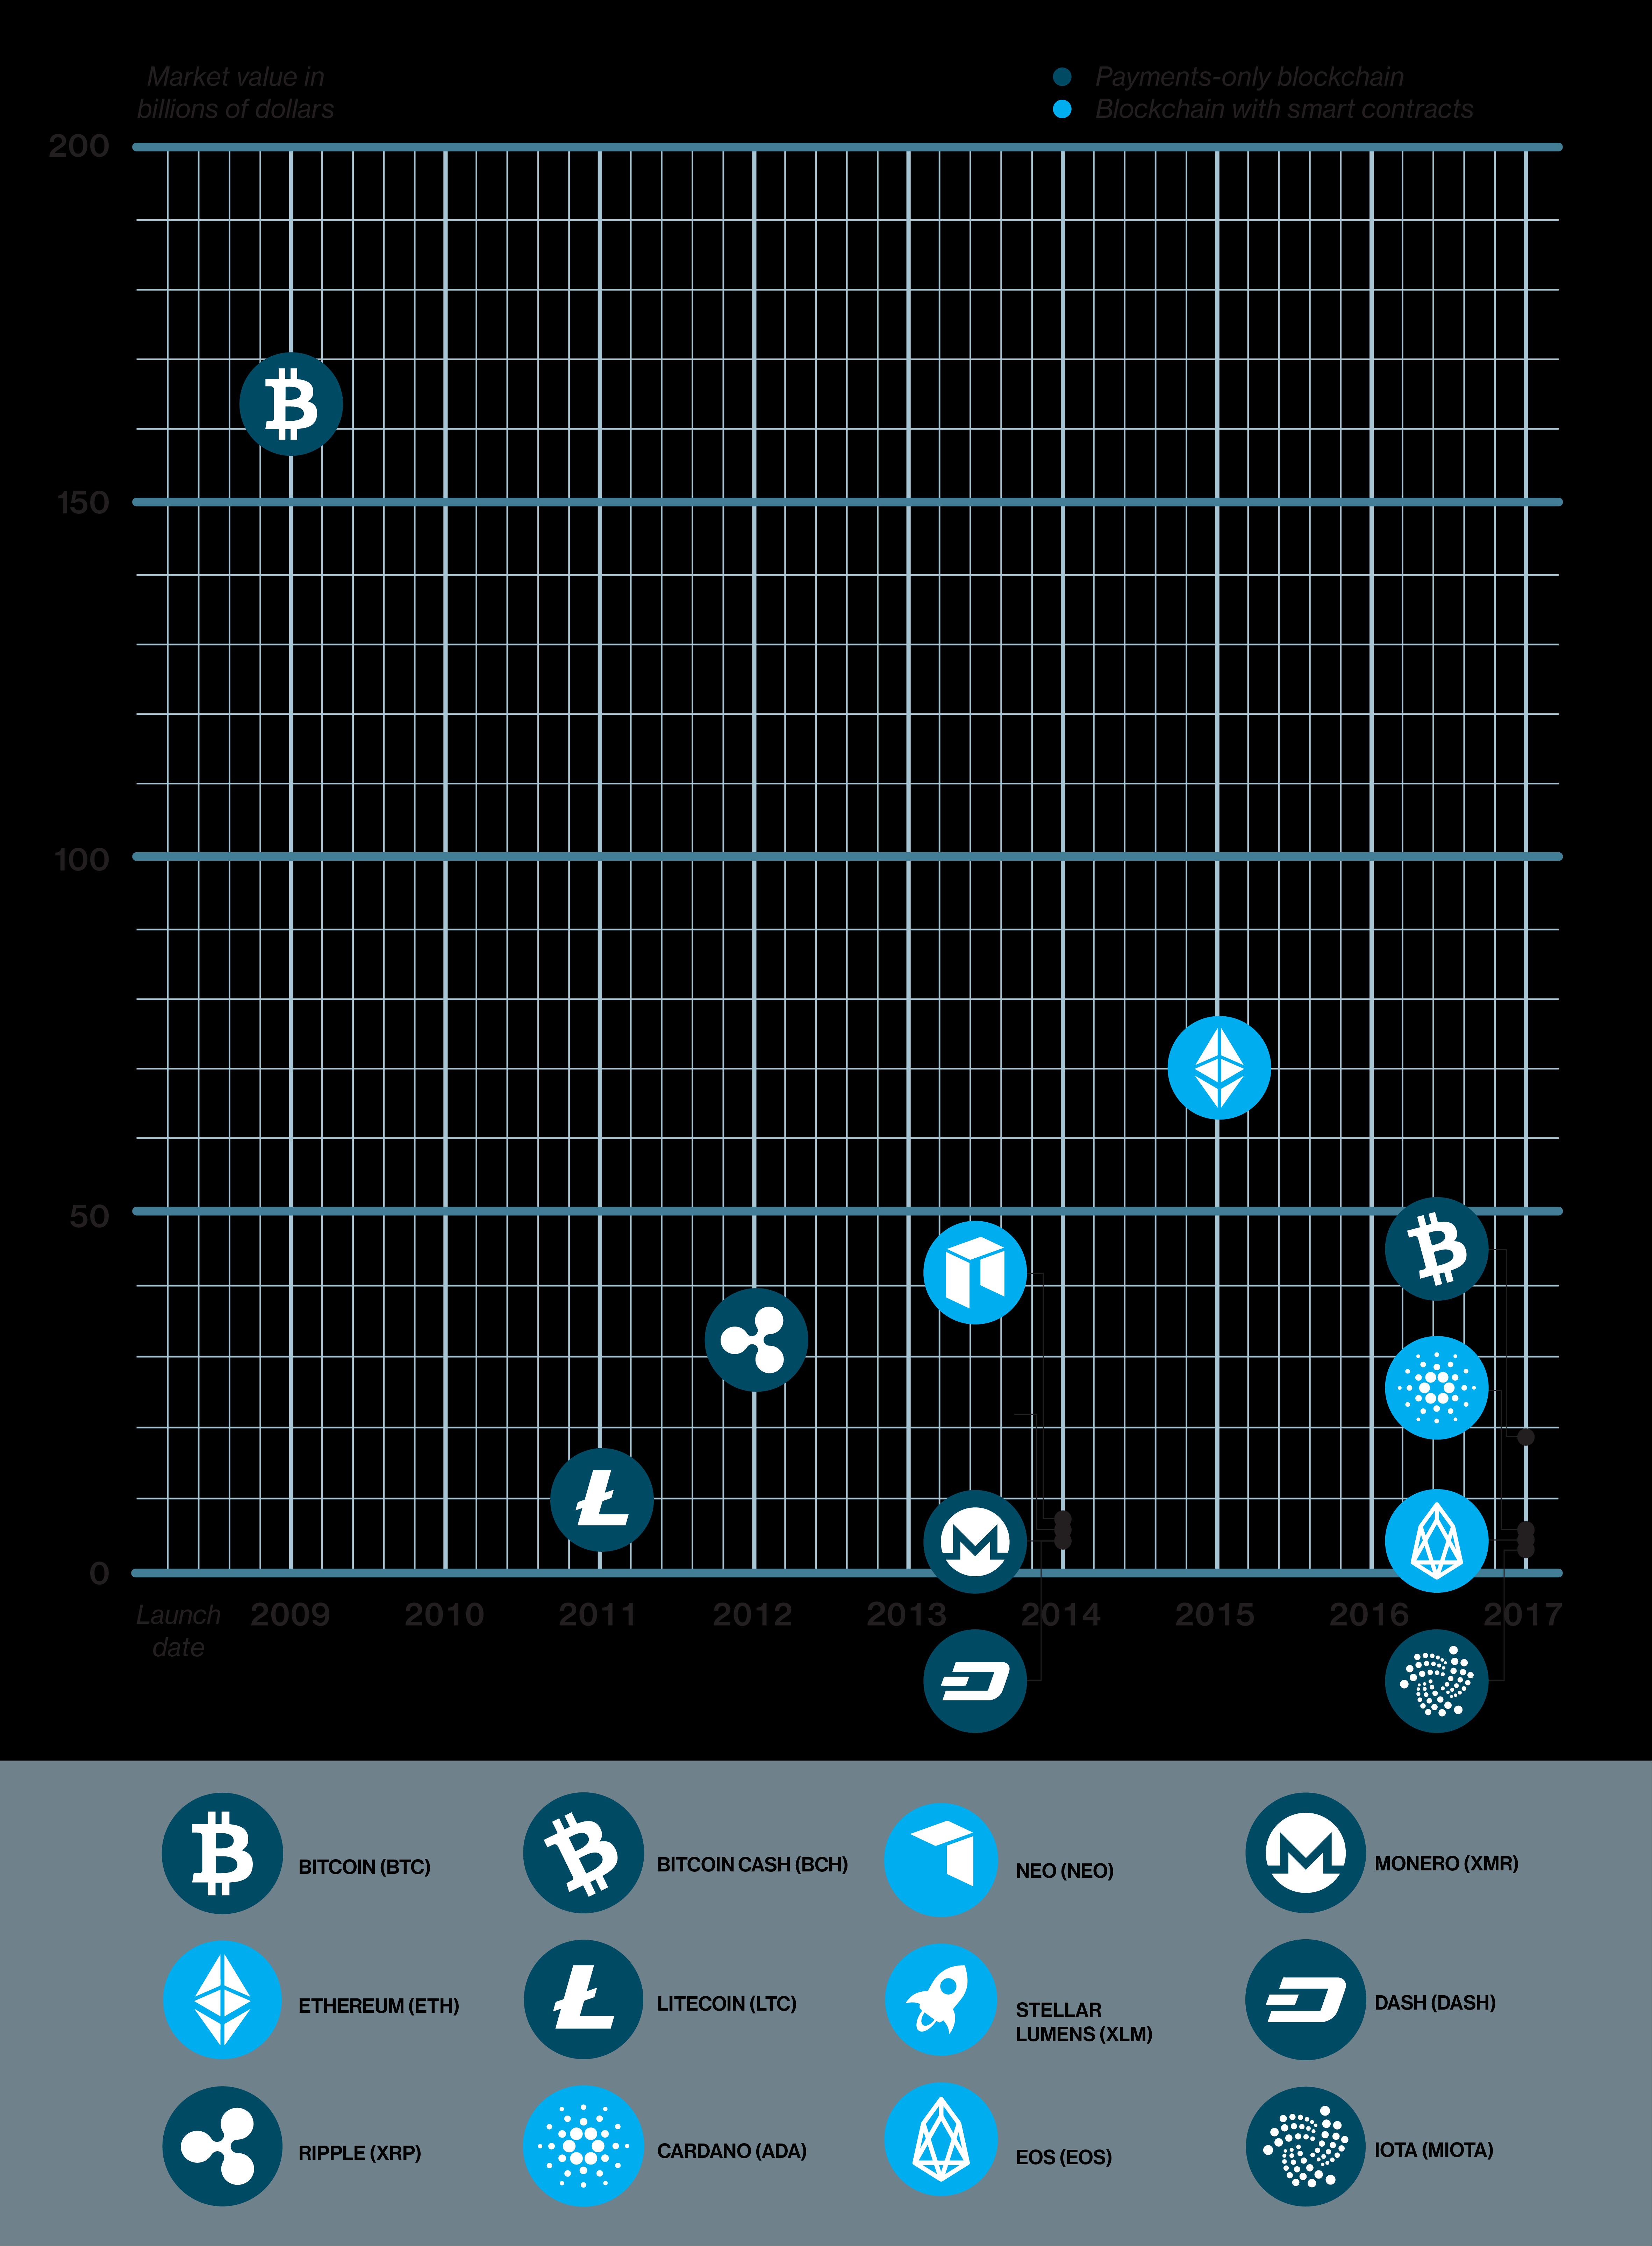 市場評価は本物か? 暗号通貨12種の強みと弱み